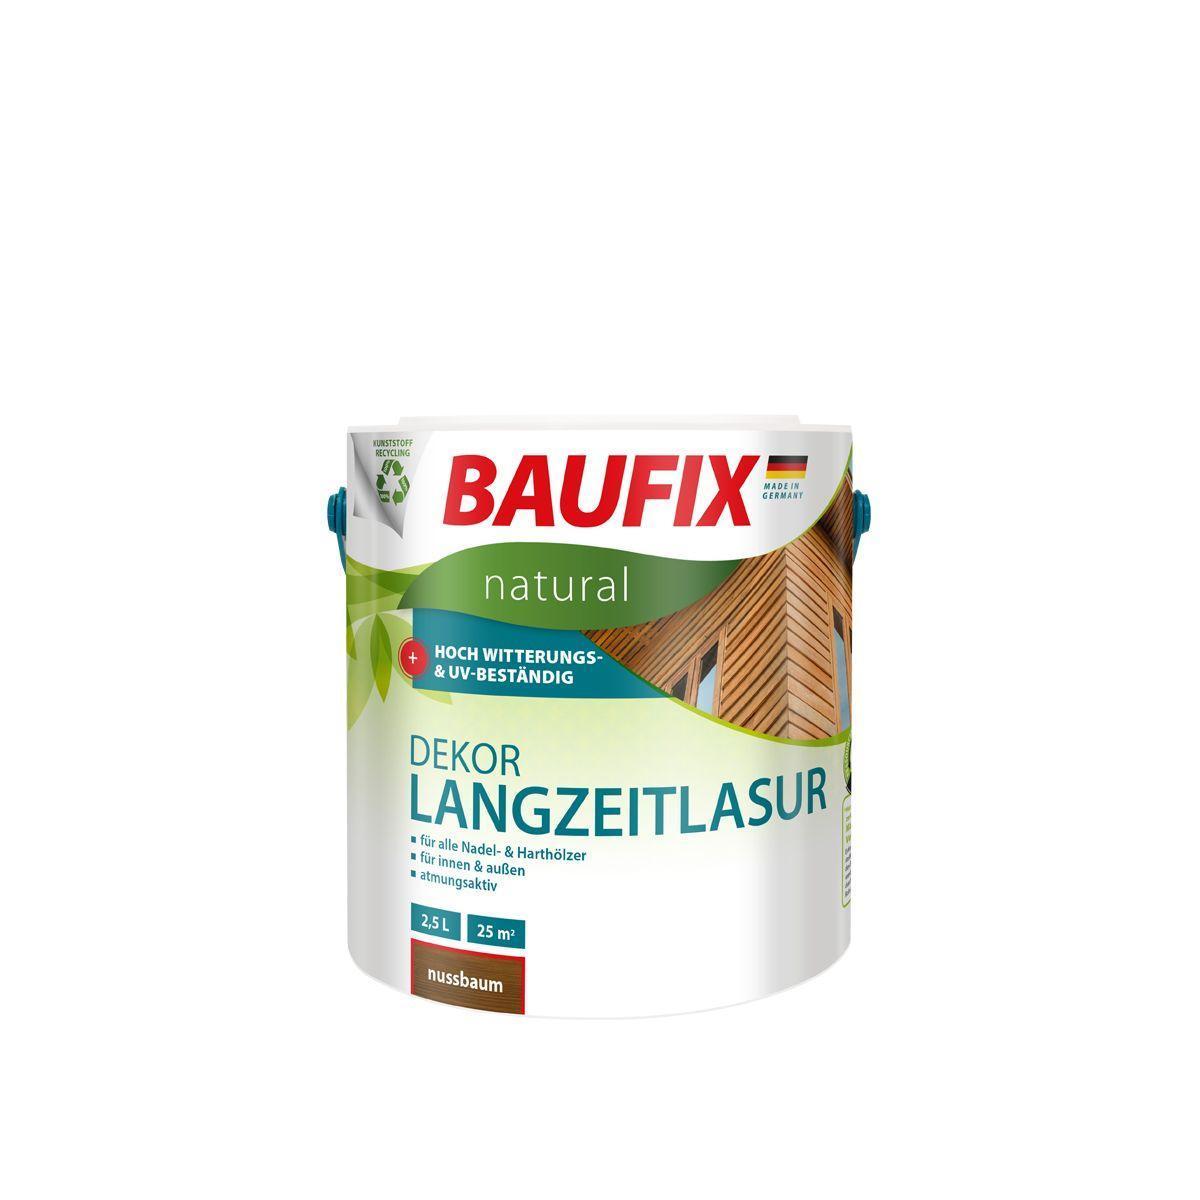 Bild 1 von BAUFIX natural Dekor-Langzeitlasur